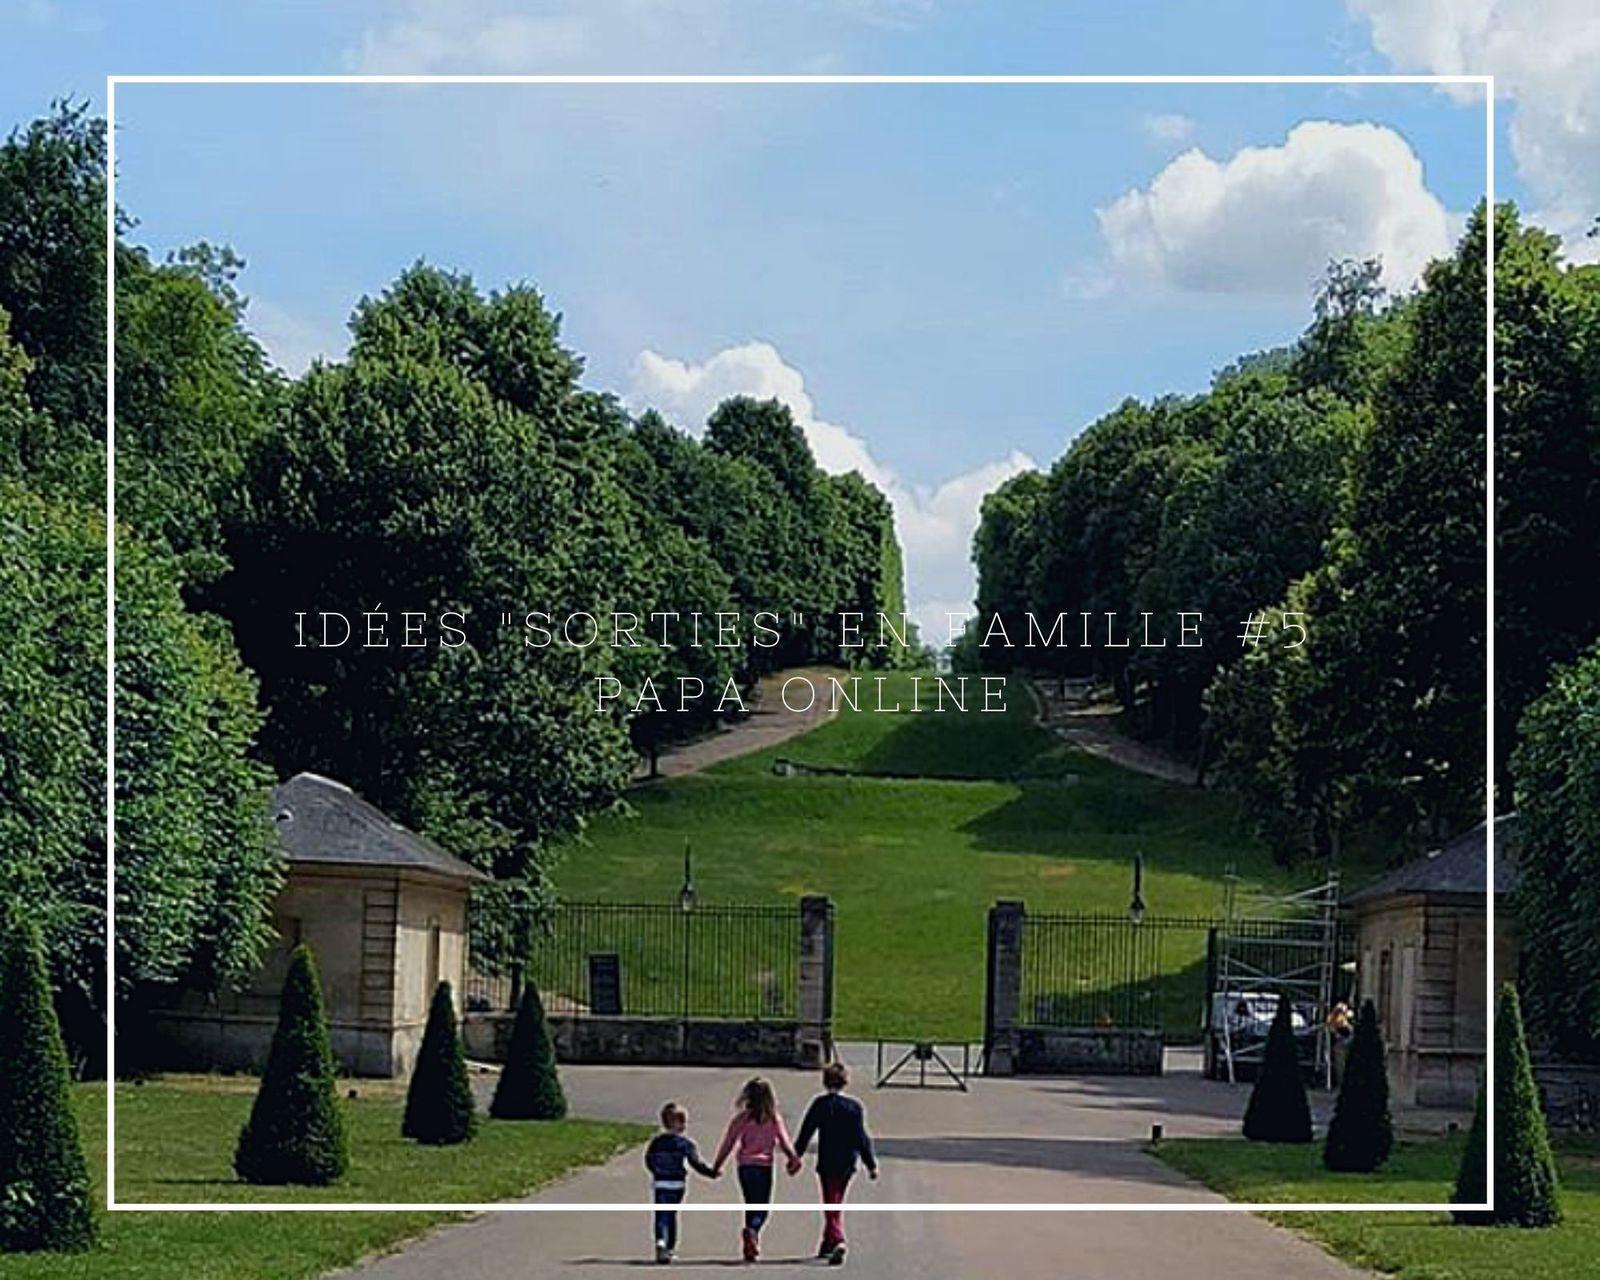 [Sortir] Déconfinement : 10 idées ''sorties'' en famille en Île-de-France et autres régions #5